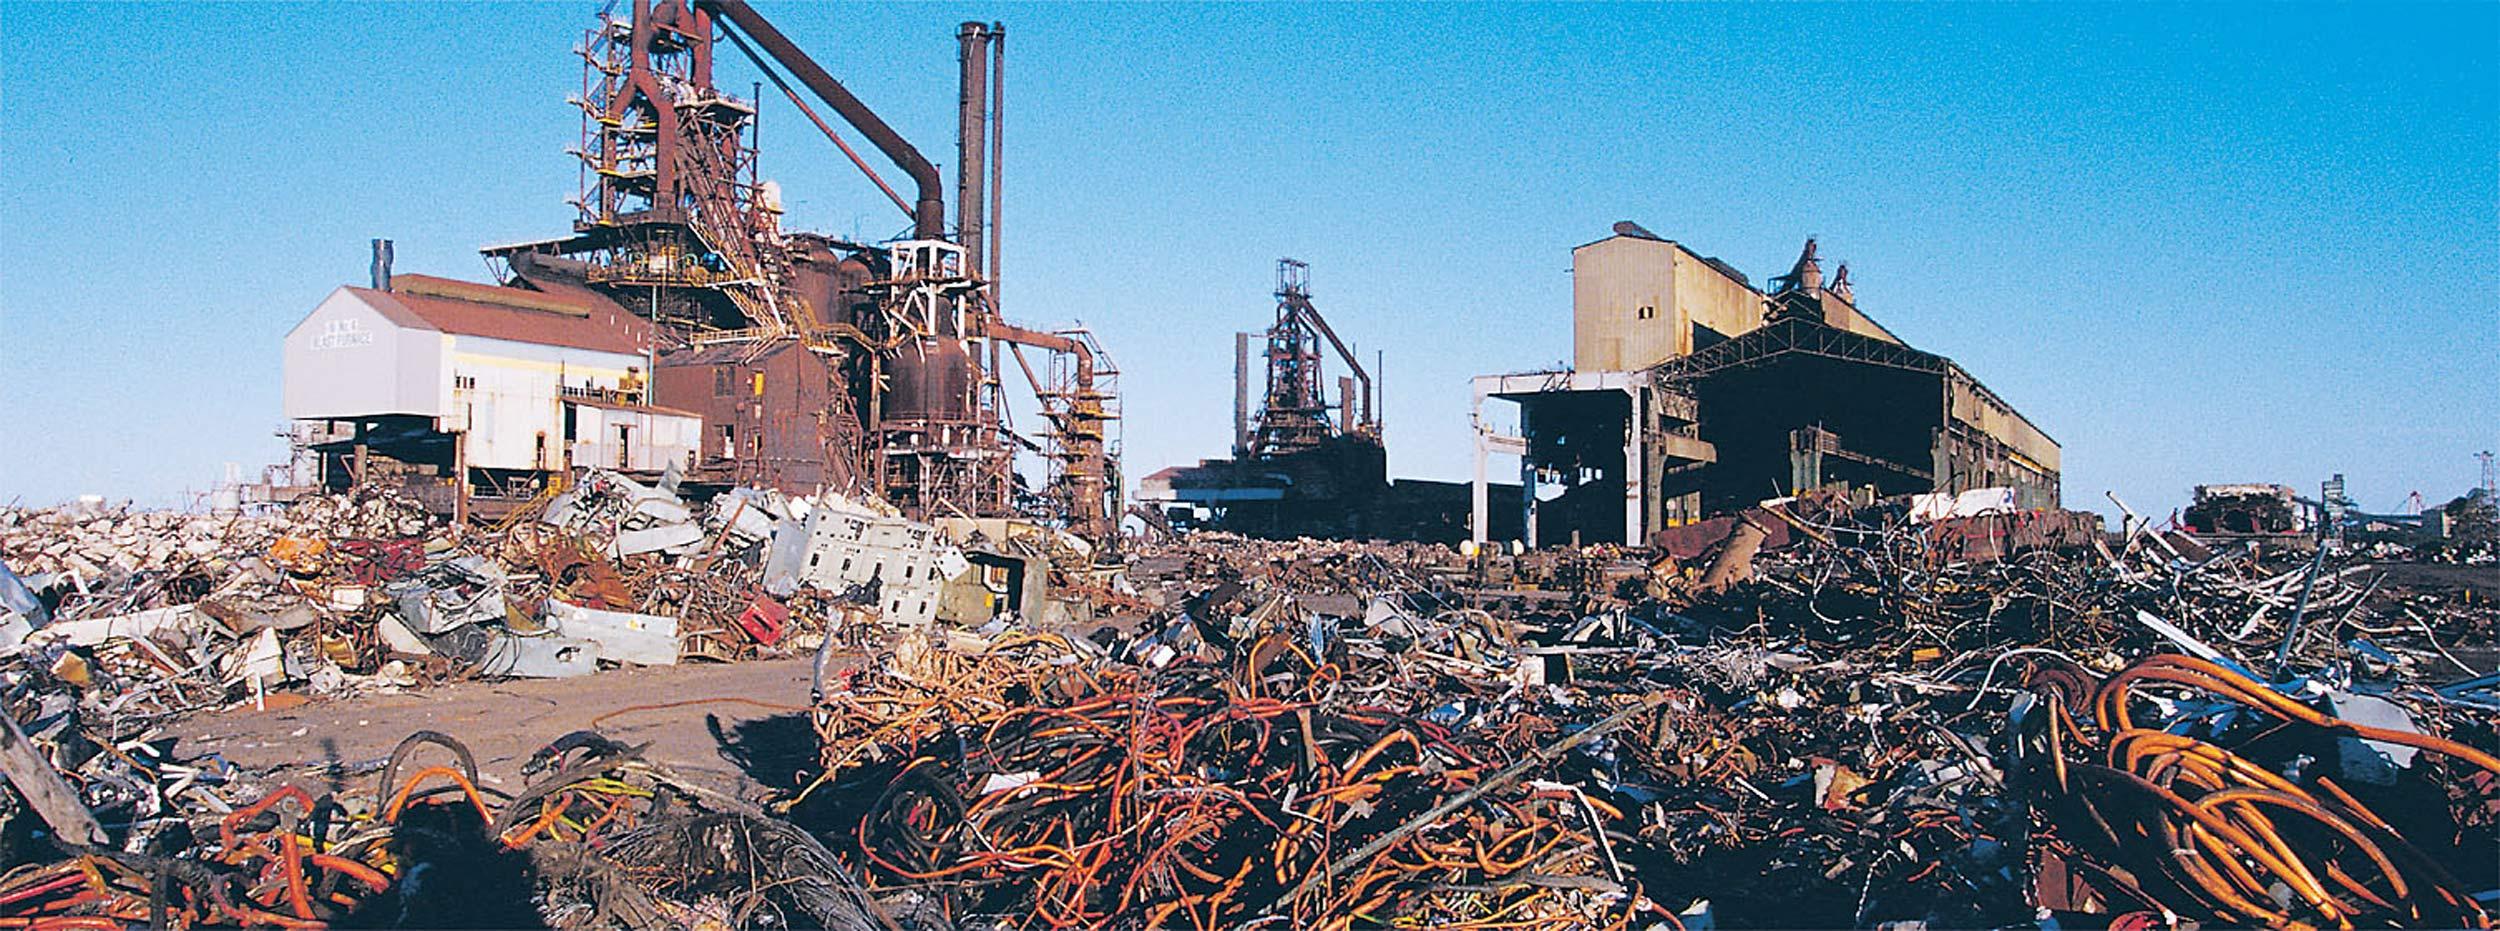 Demolition_Steelworks_Mainline.jpg